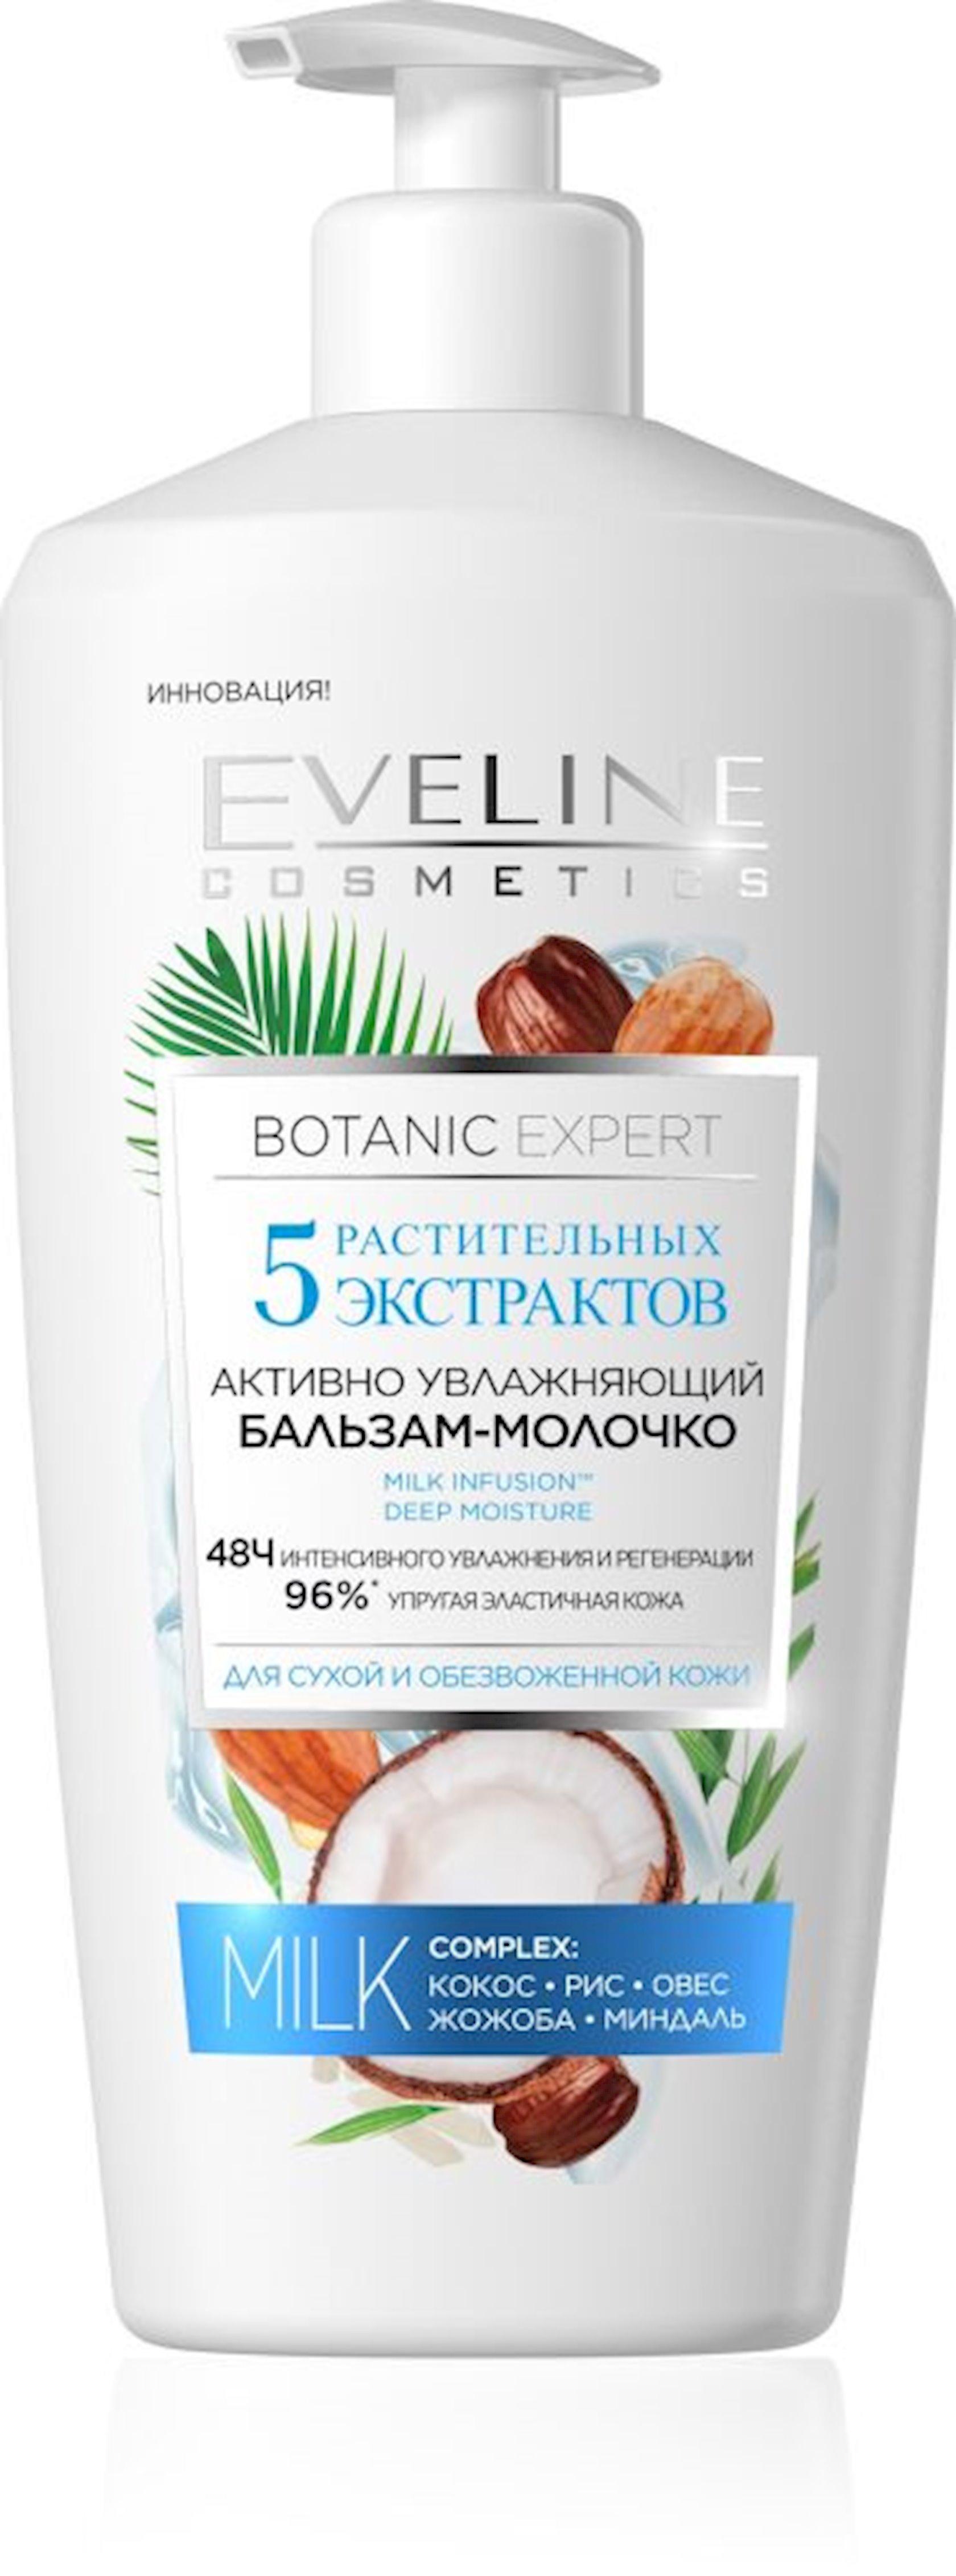 Bədən üçün süd Eveline Cosmetics Botanic Expert Balzam 350ml